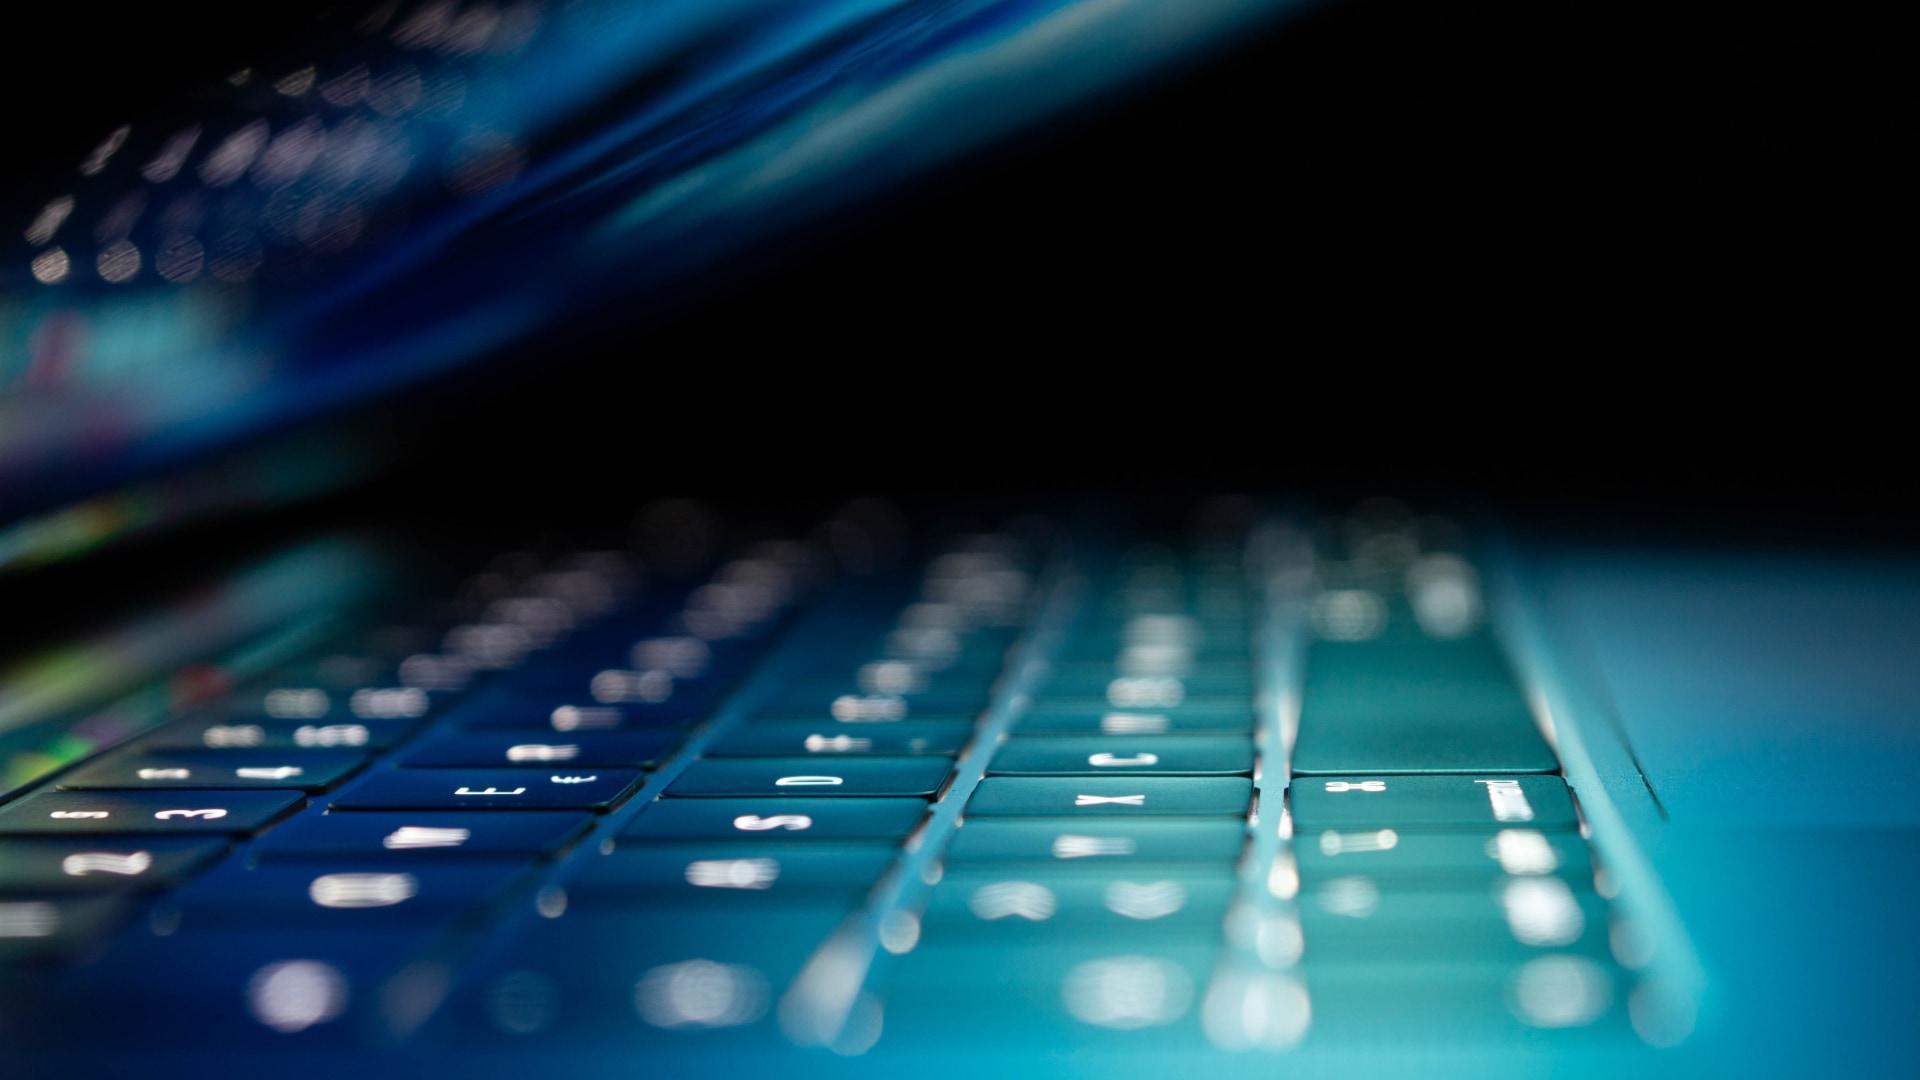 Pós-graduação em Cibersegurança é aposta de futuro